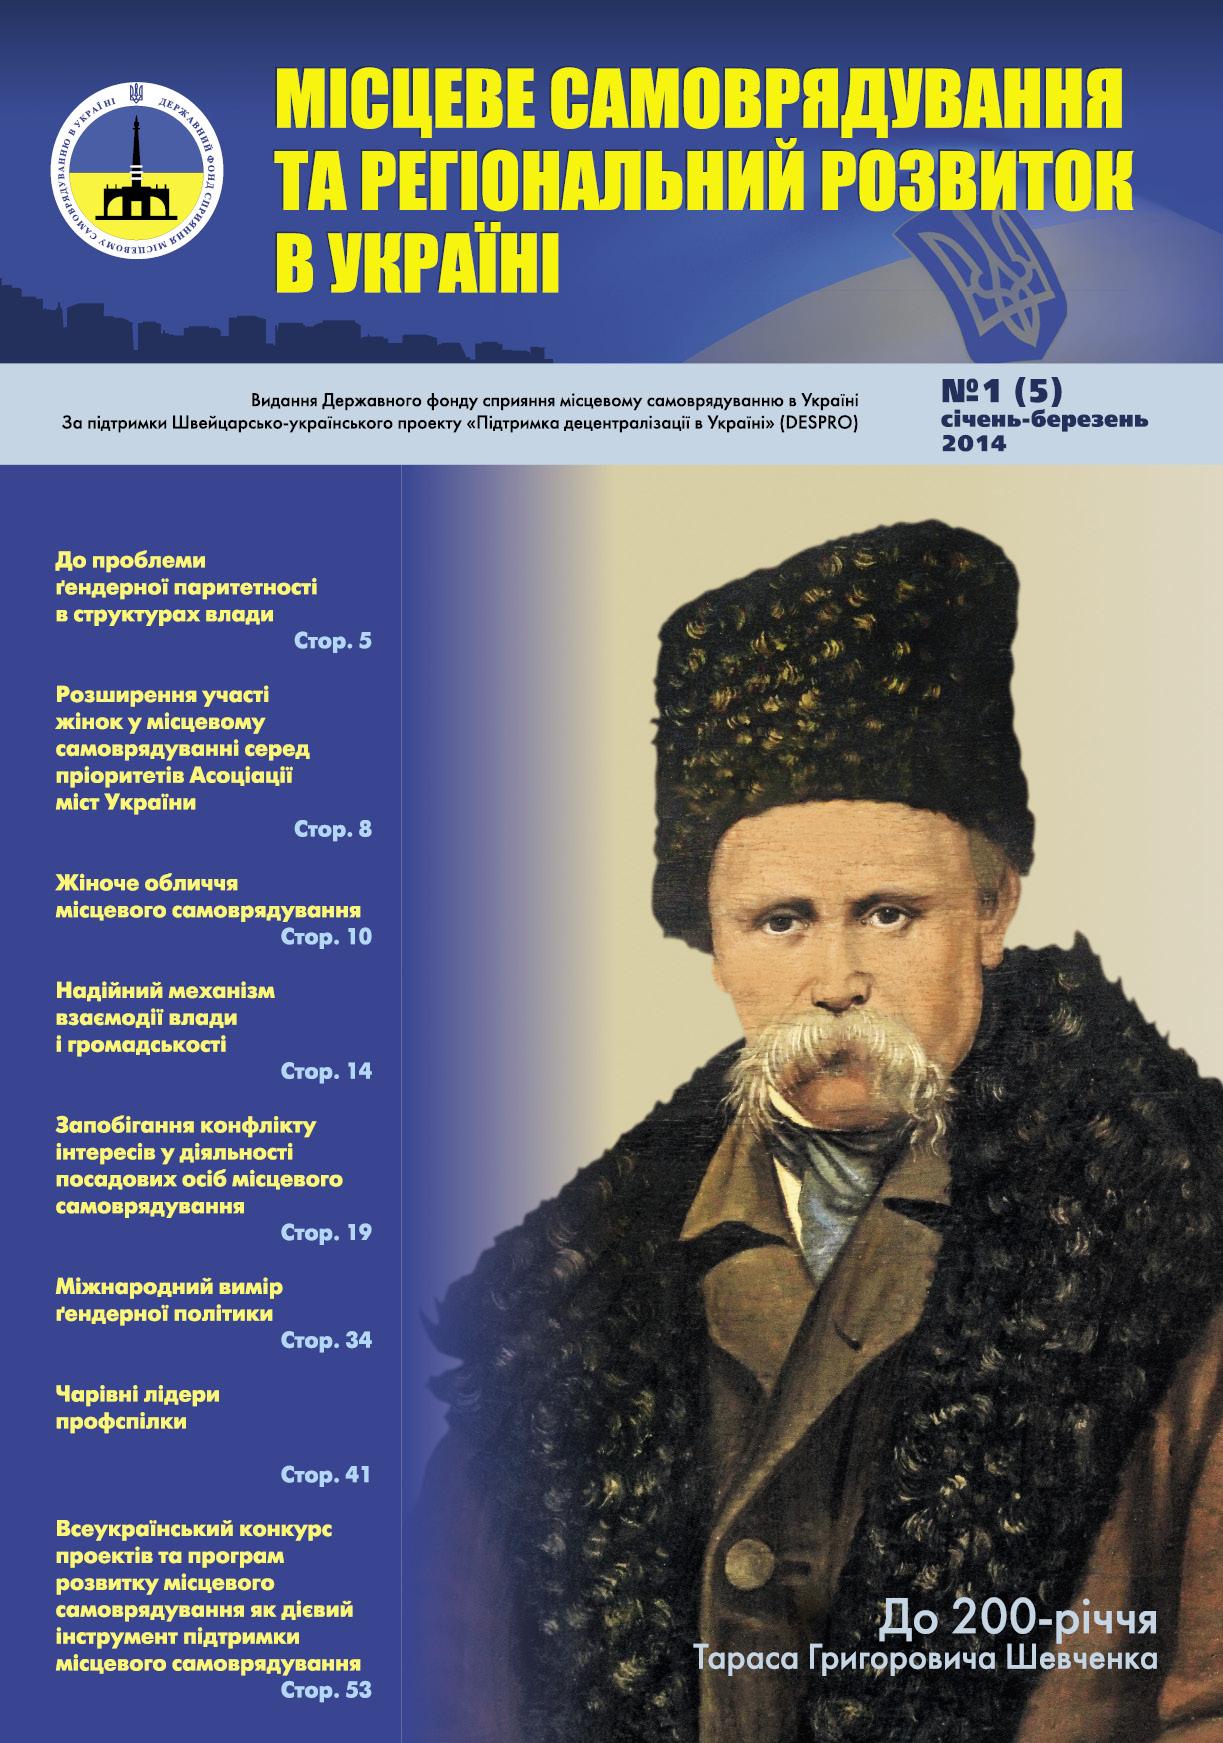 Журнал «Місцеве самоврядування та регіональний розвиток в Україні», № 1, 2014г.